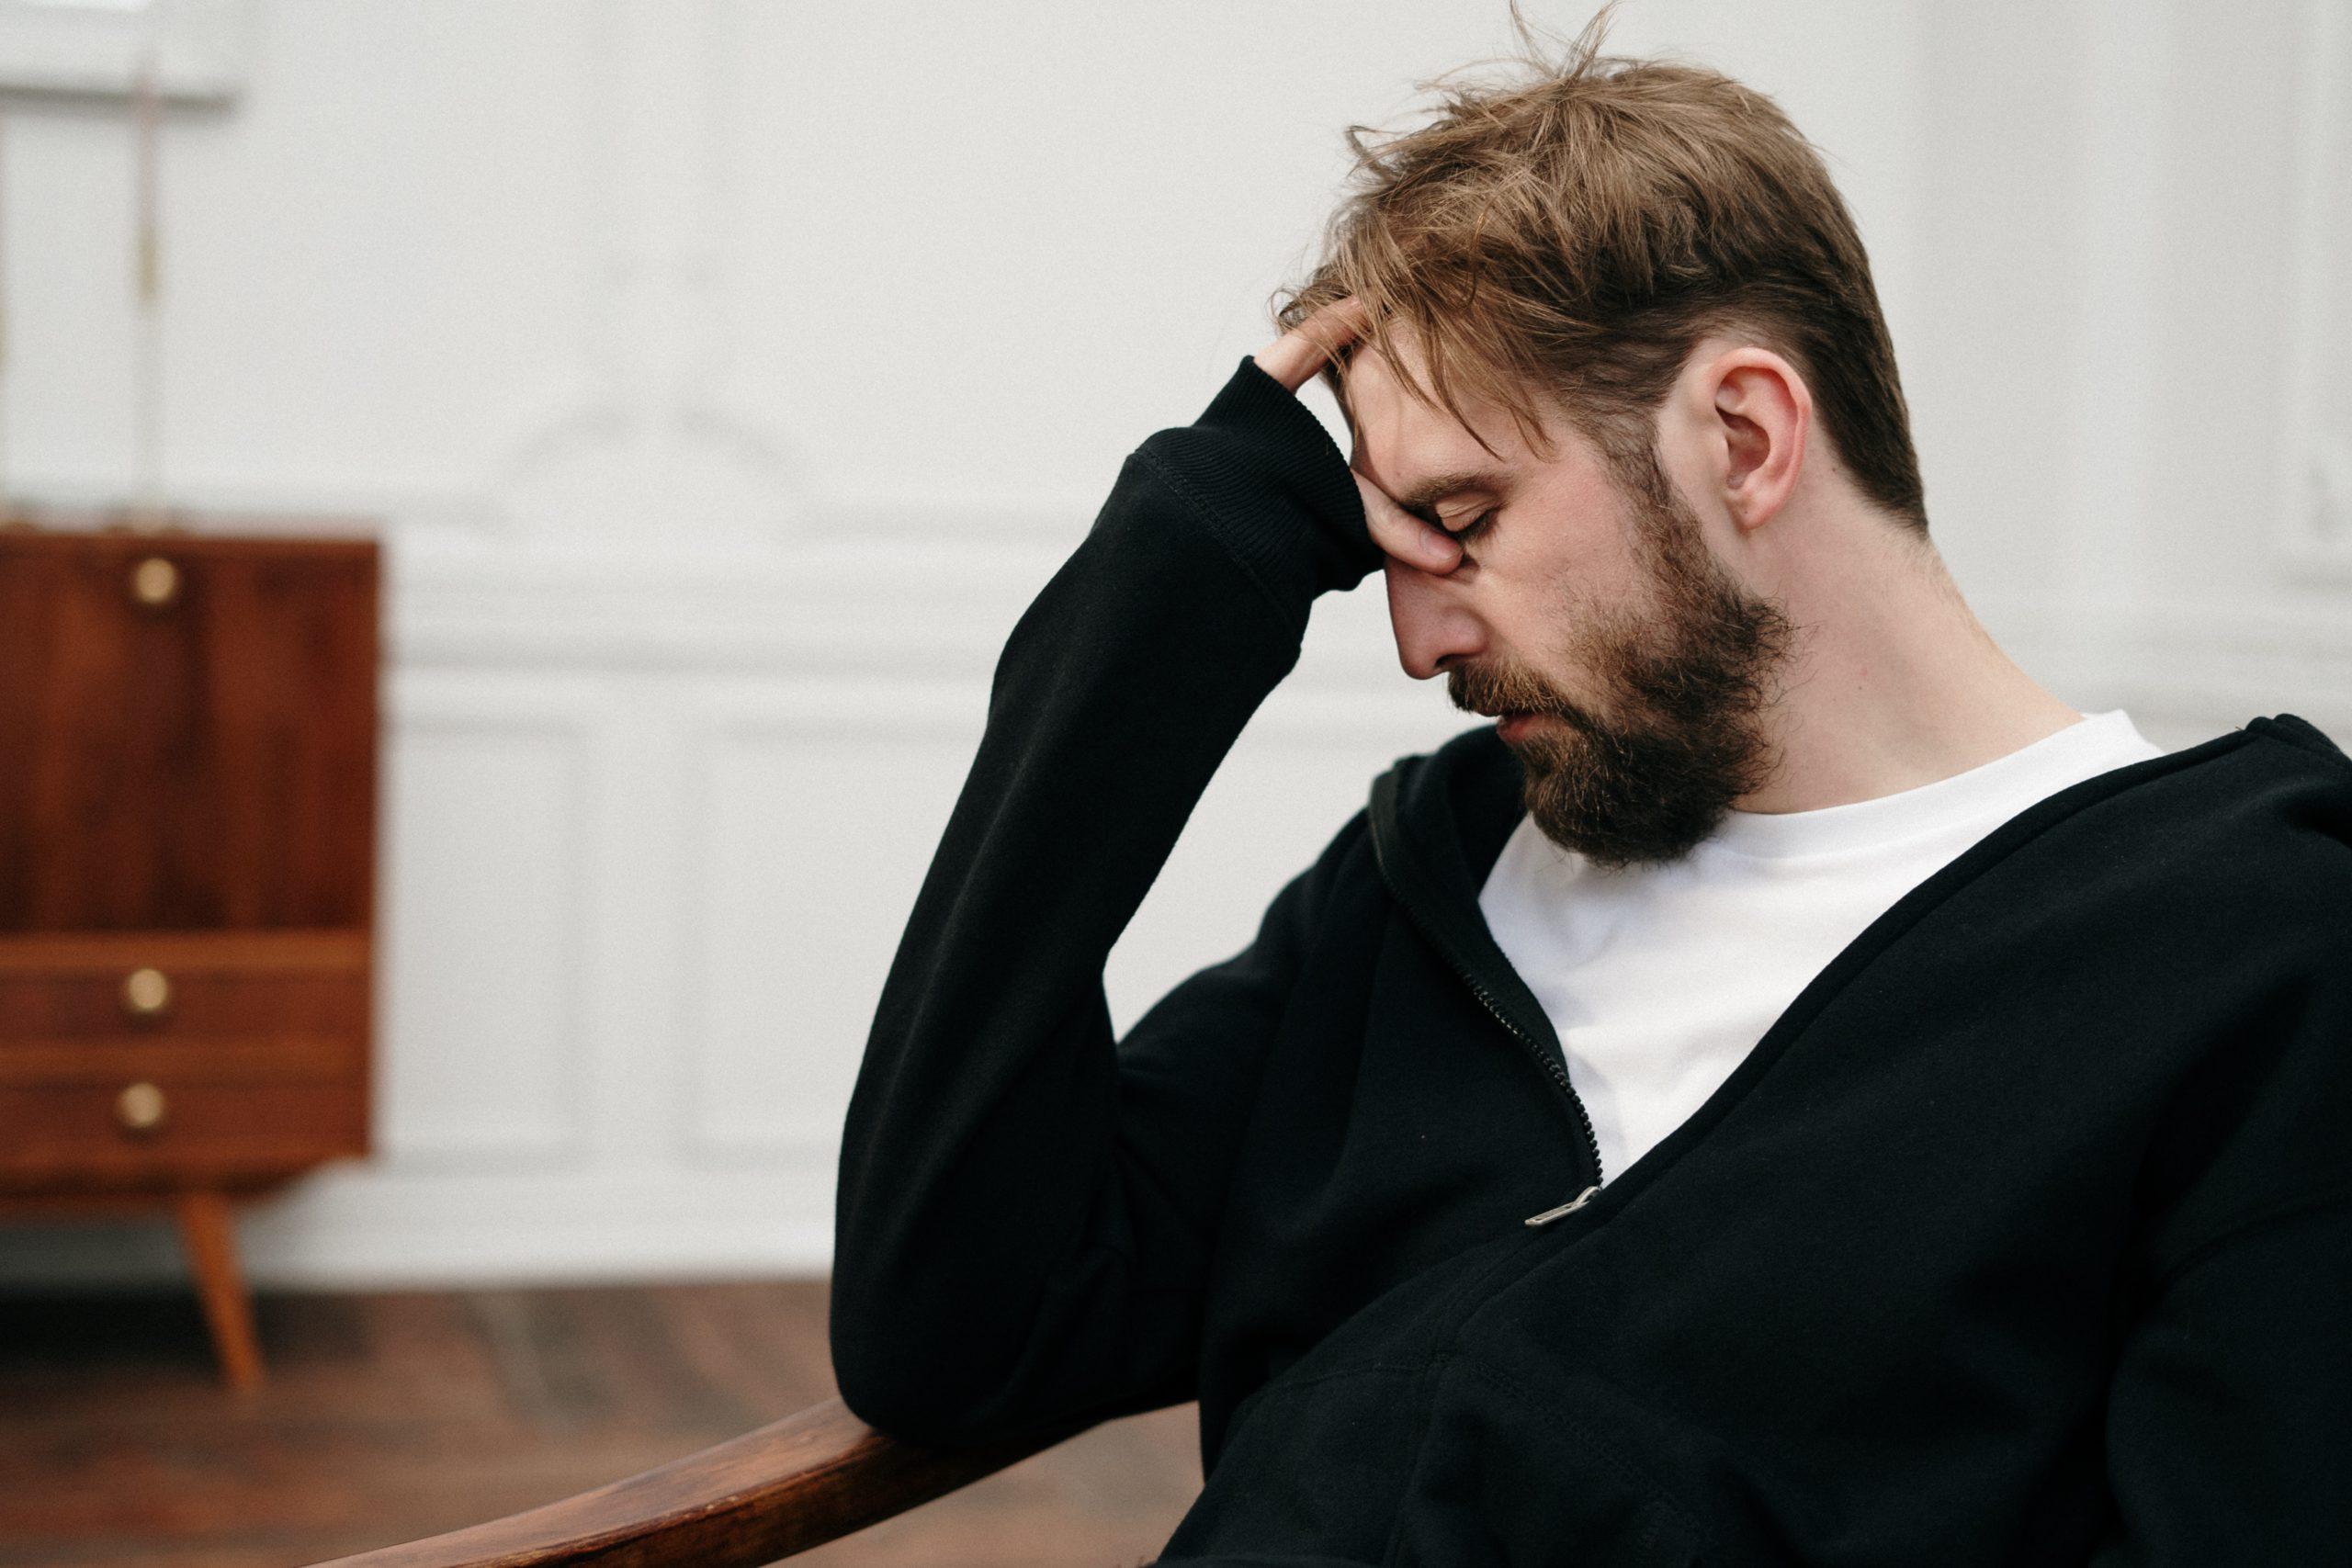 État des besoins en soins psychologiques et psychiatriques.